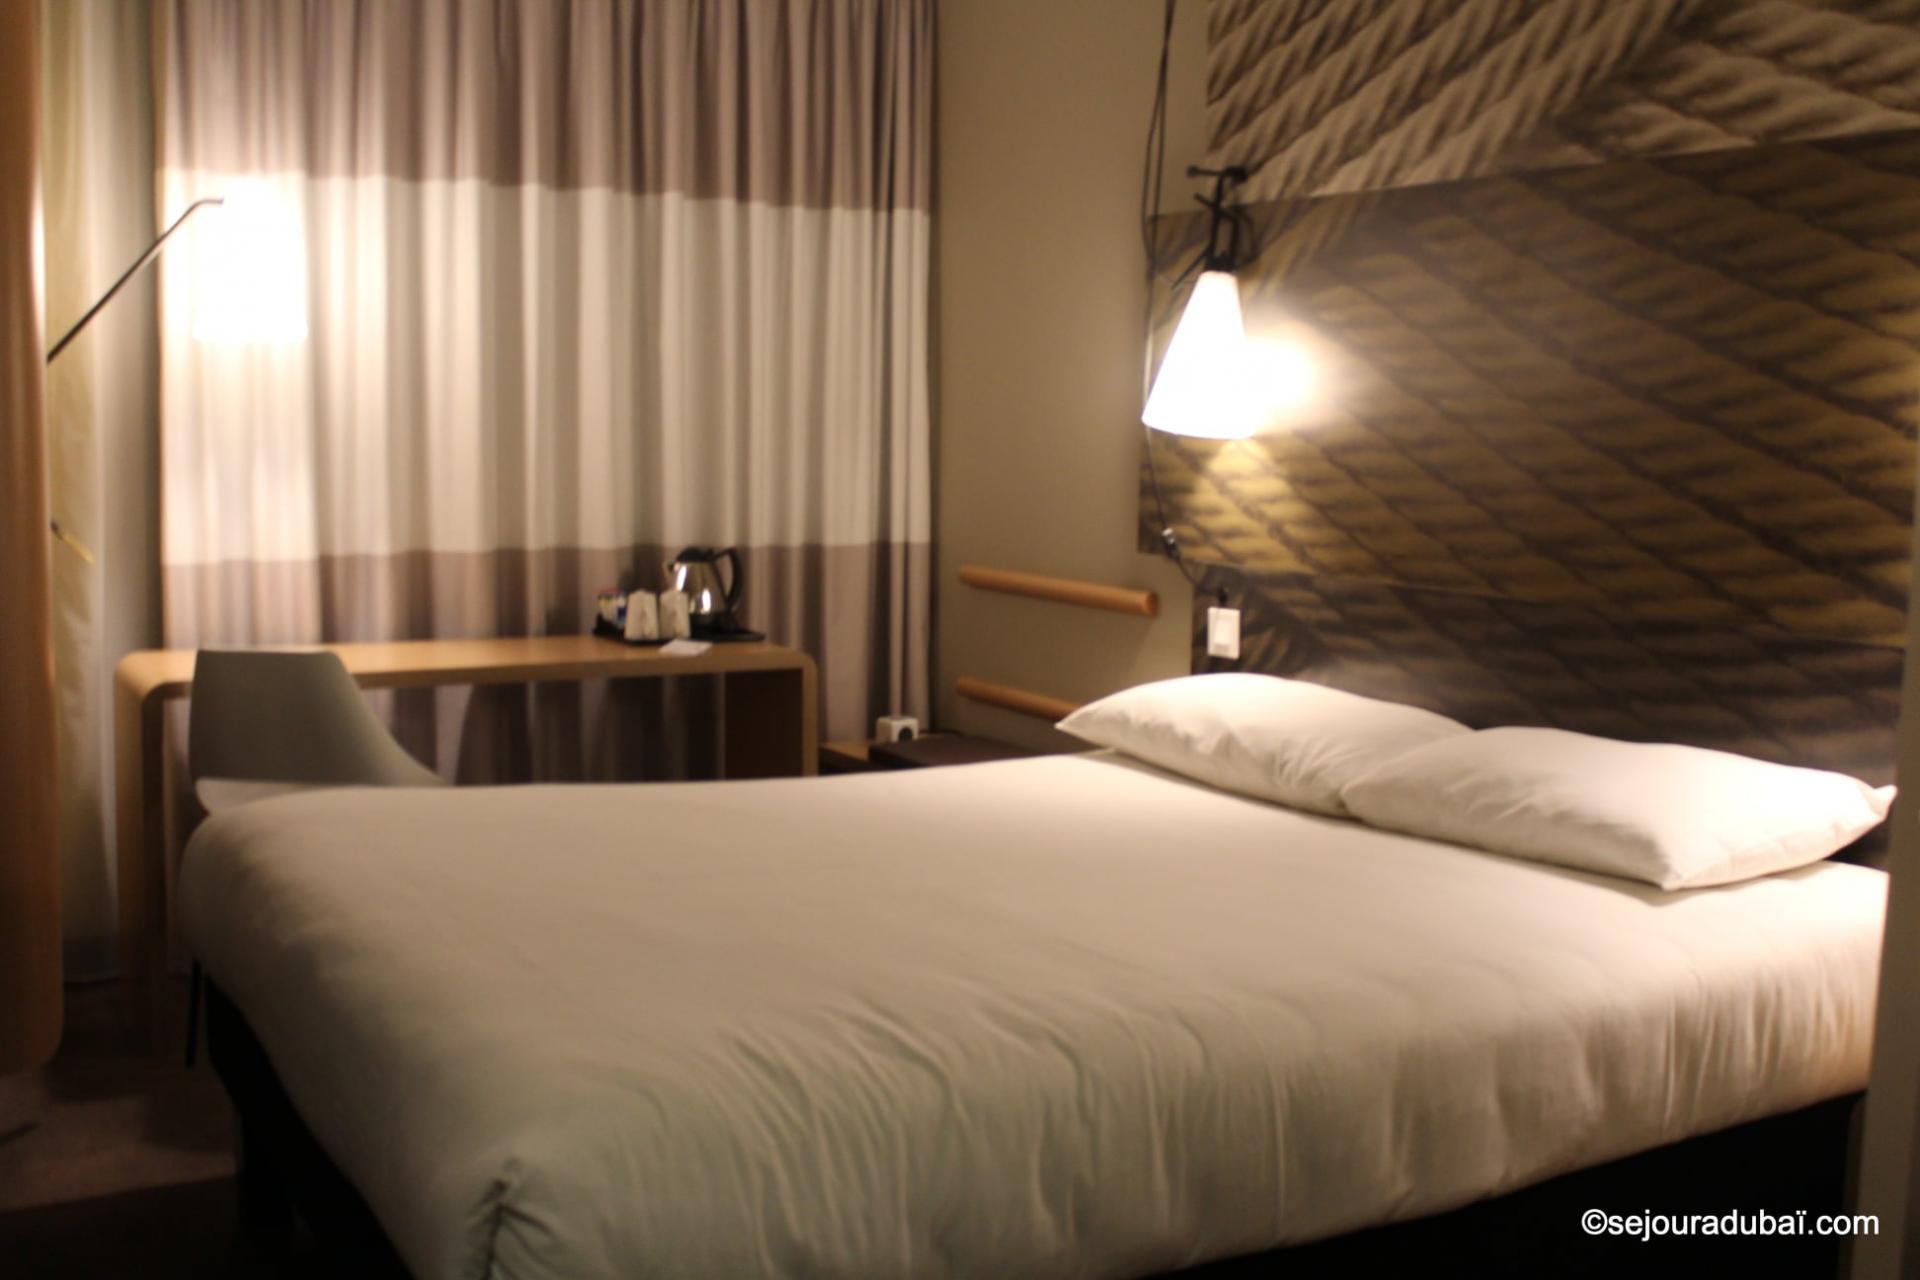 Ibis hotel dubaj